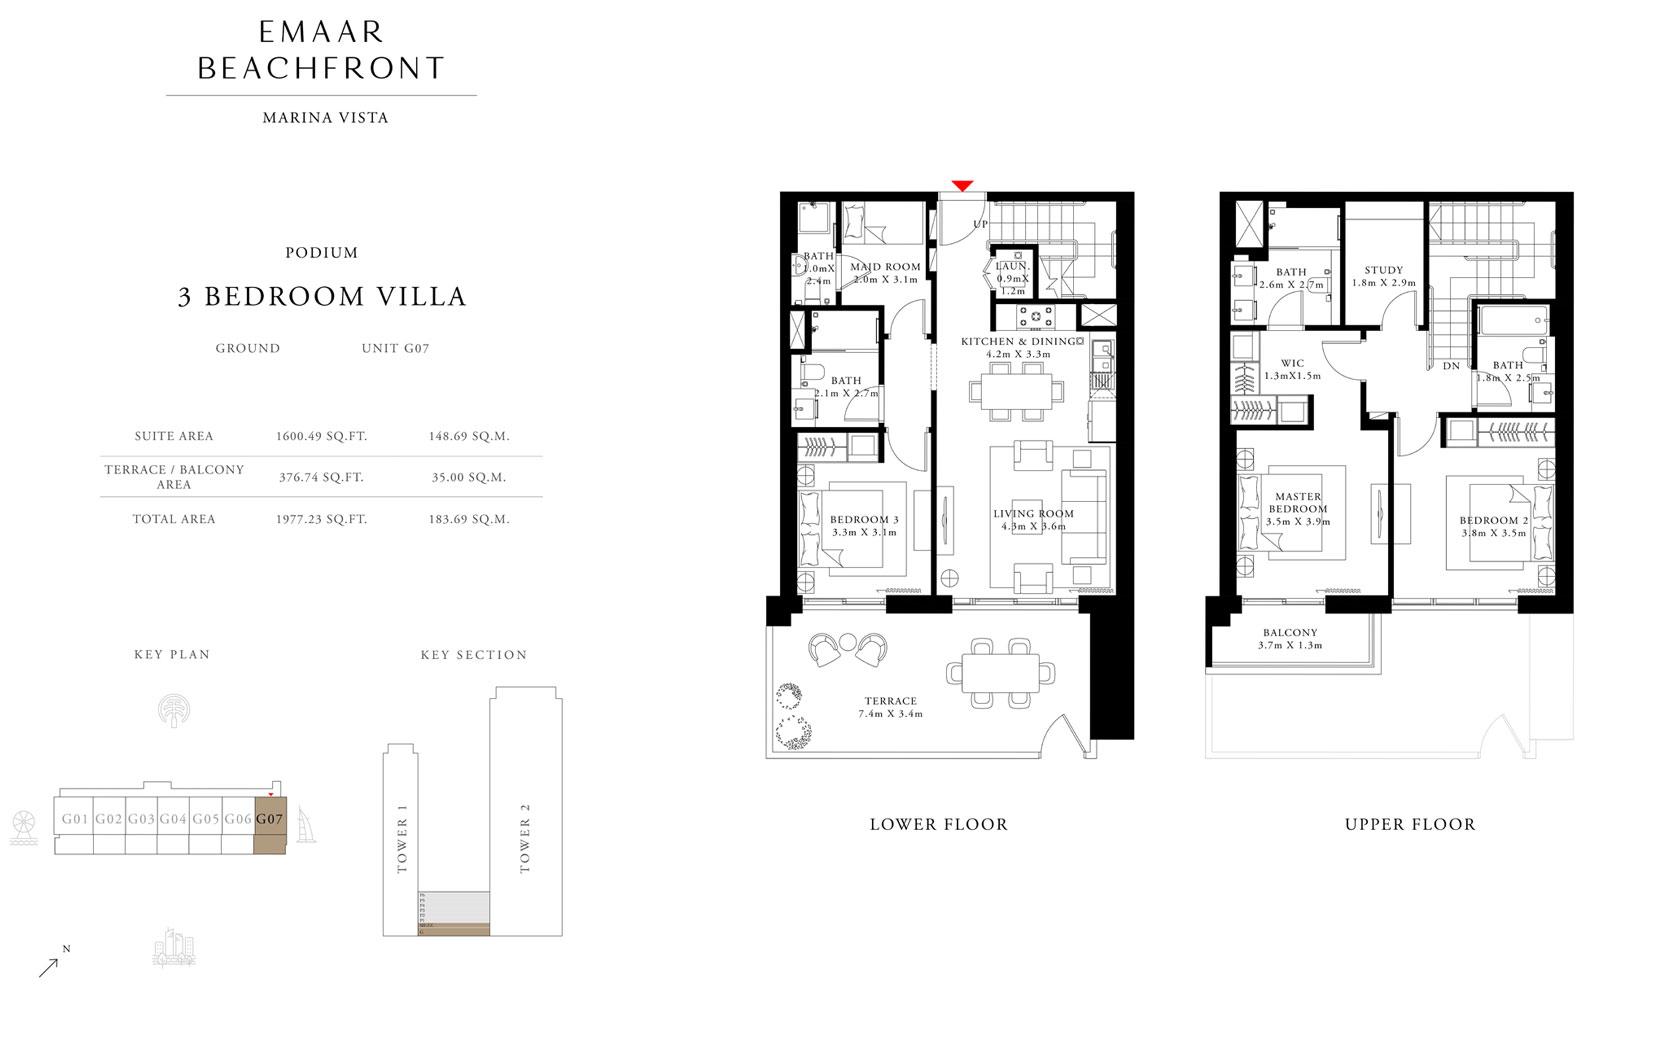 فيلا 3 غرف نوم ، بوديوم  ، وحدة G 07 ، حجم 1977 قدم مربع